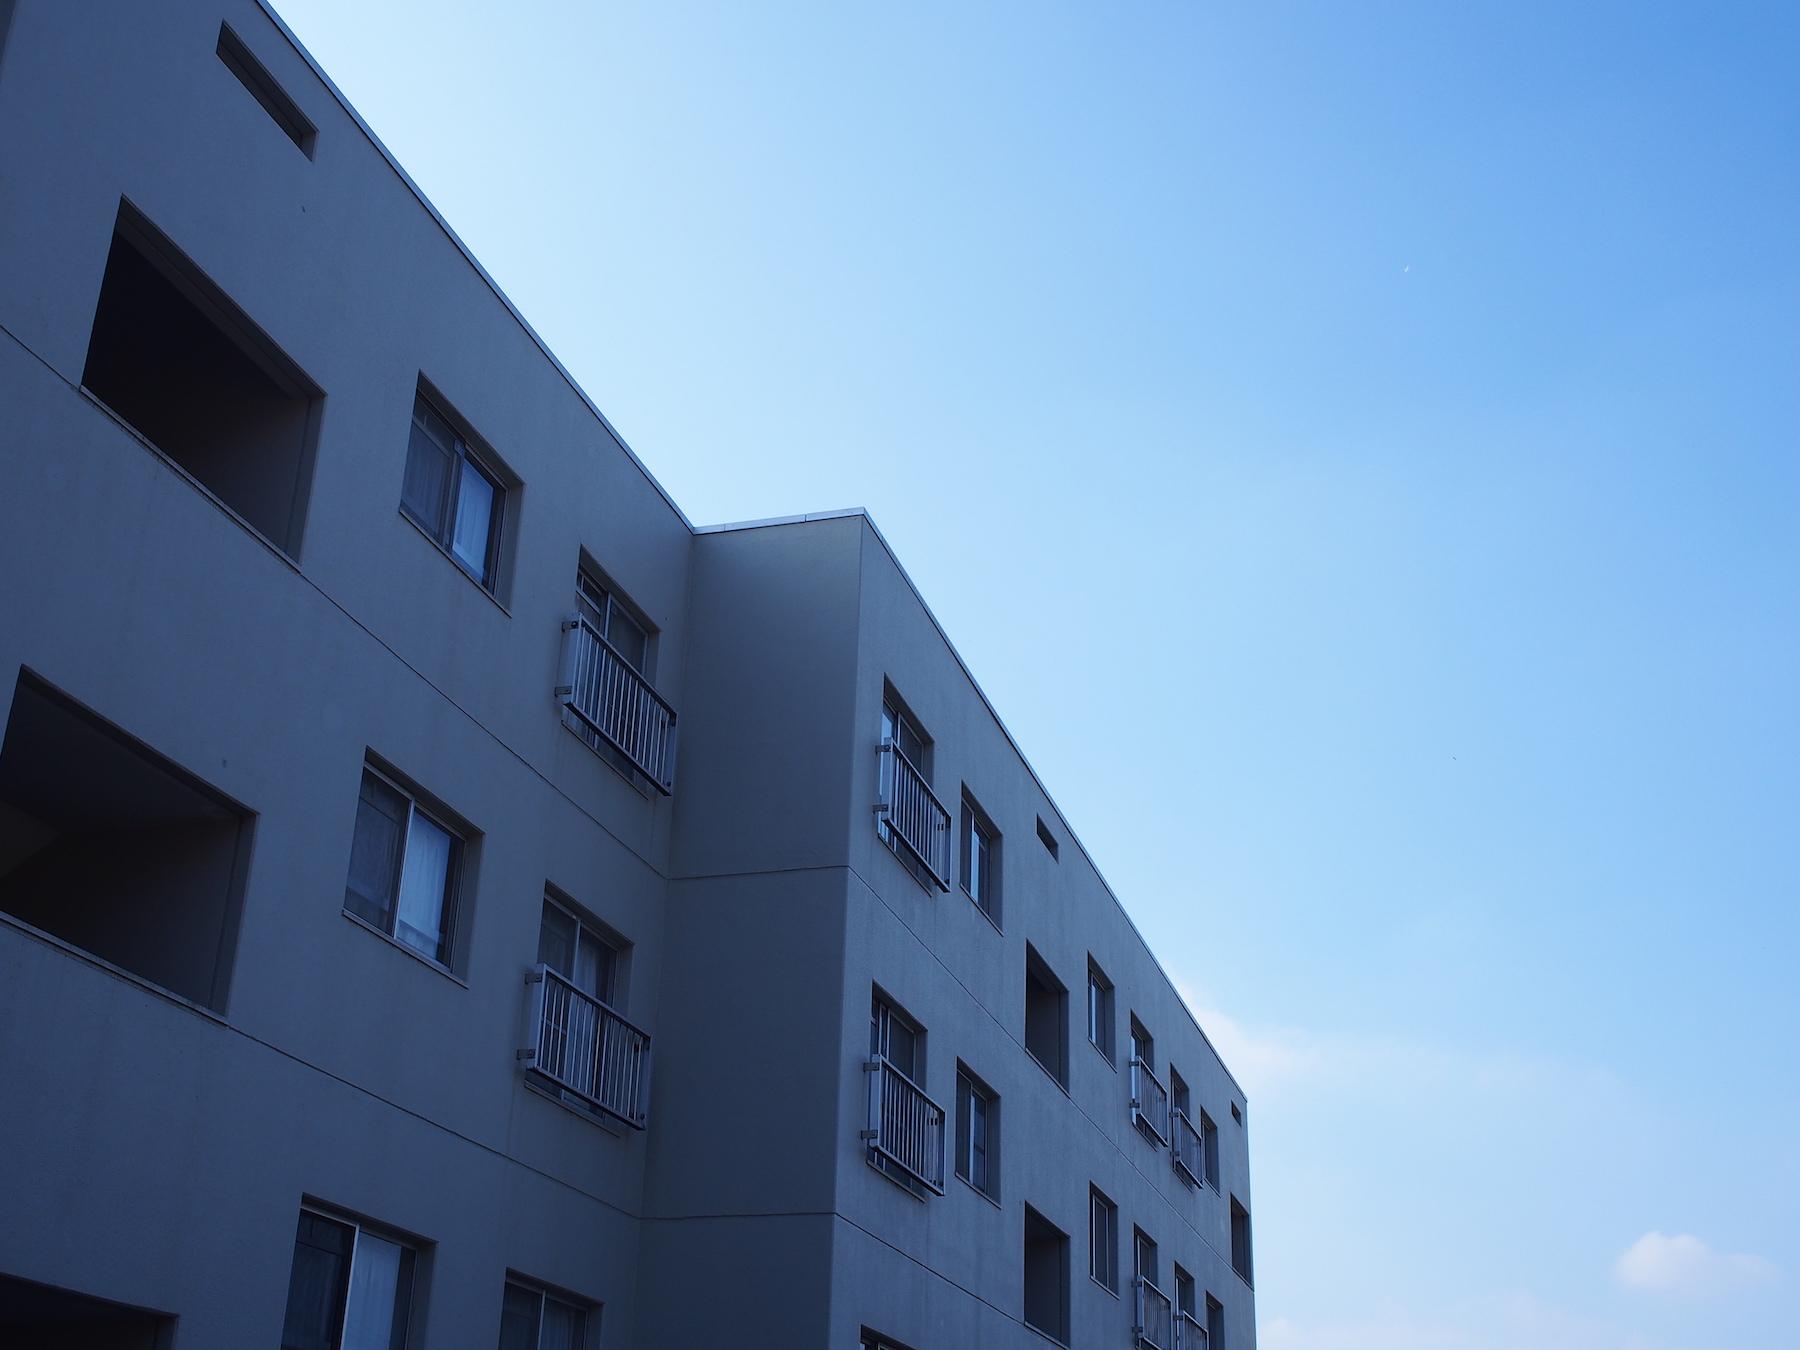 【5つのポイント】建て替え・リフォーム中の仮住まいを見つけるコツ